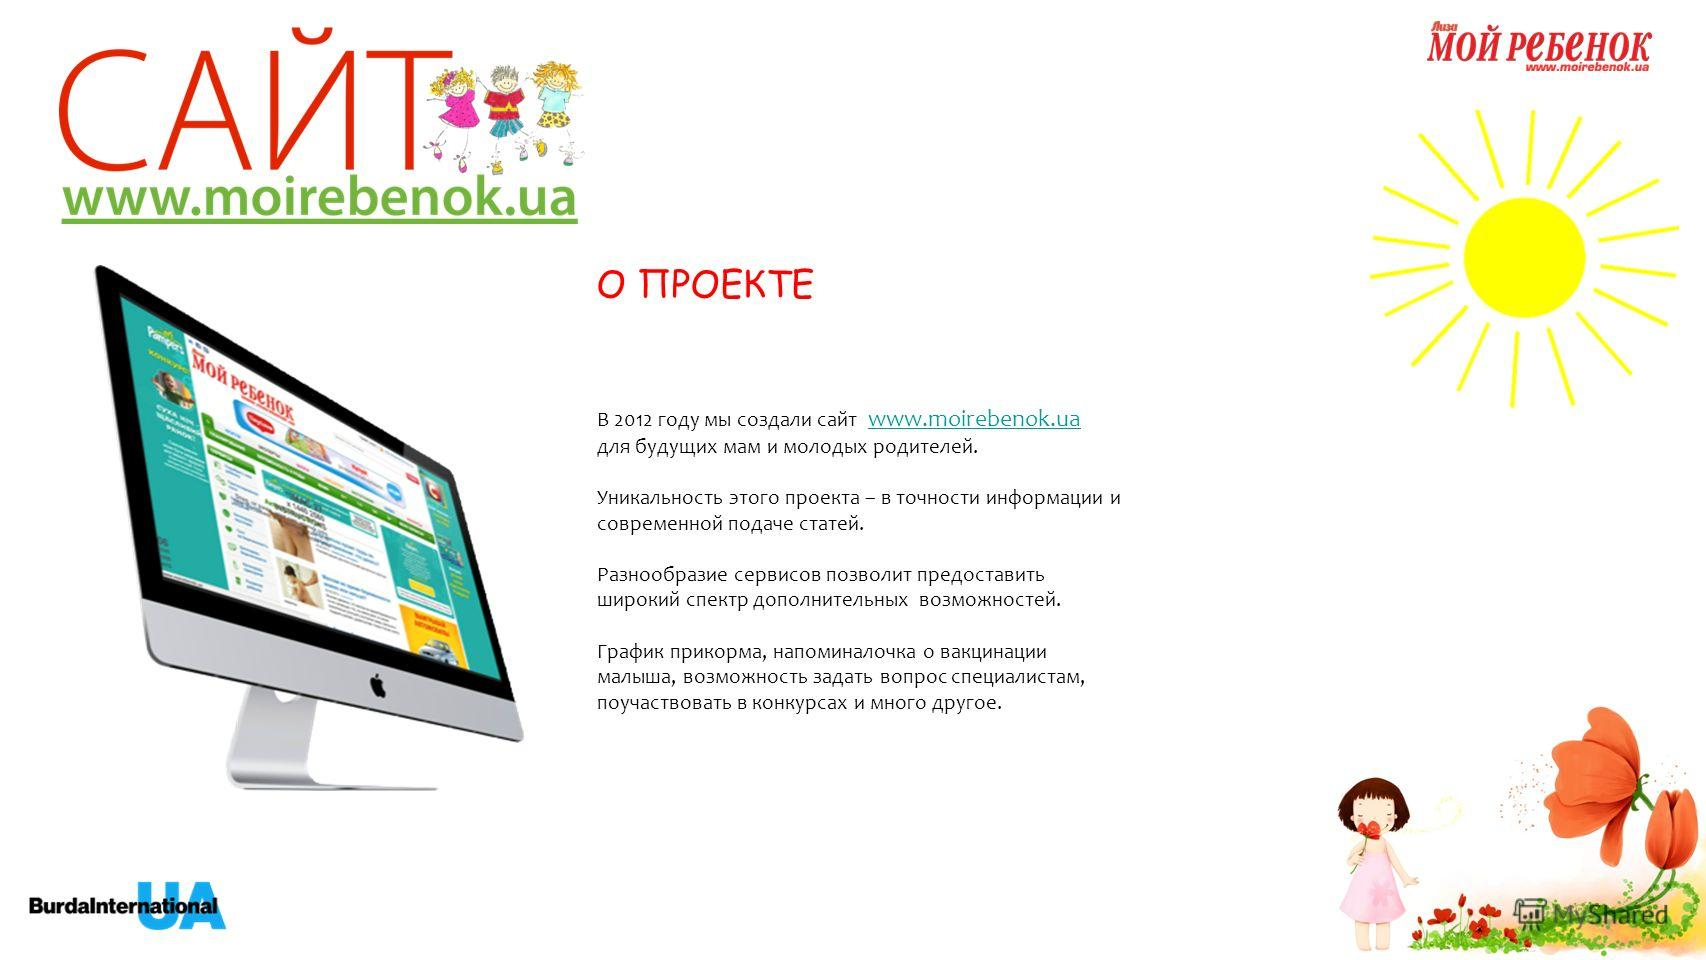 В 2012 году мы создали сайт www.moirebenok.ua www.moirebenok.ua для будущих мам и молодых родителей. Уникальность этого проекта – в точности информации и современной подаче статей. Разнообразие сервисов позволит предоставить широкий спектр дополнител